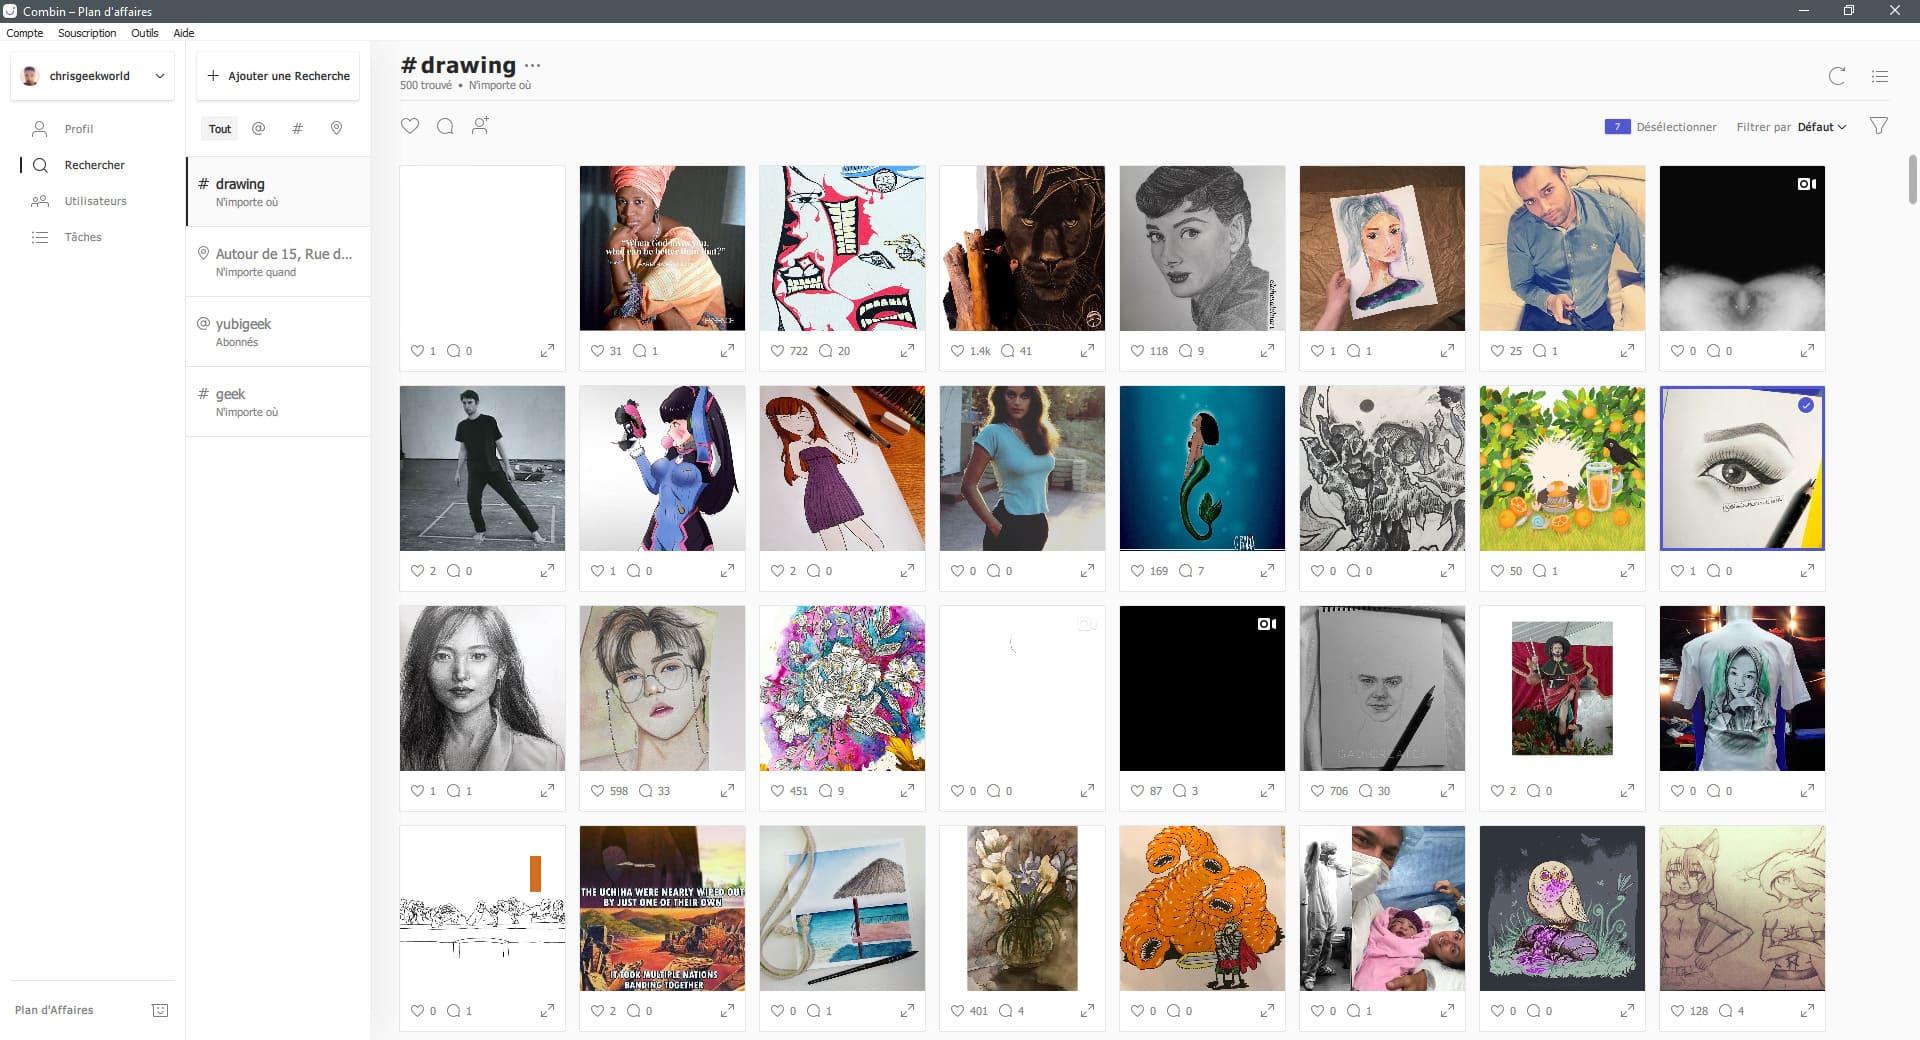 image Test de Combin, gérez et boostez votre Instagram d'une manière efficace et organique 3